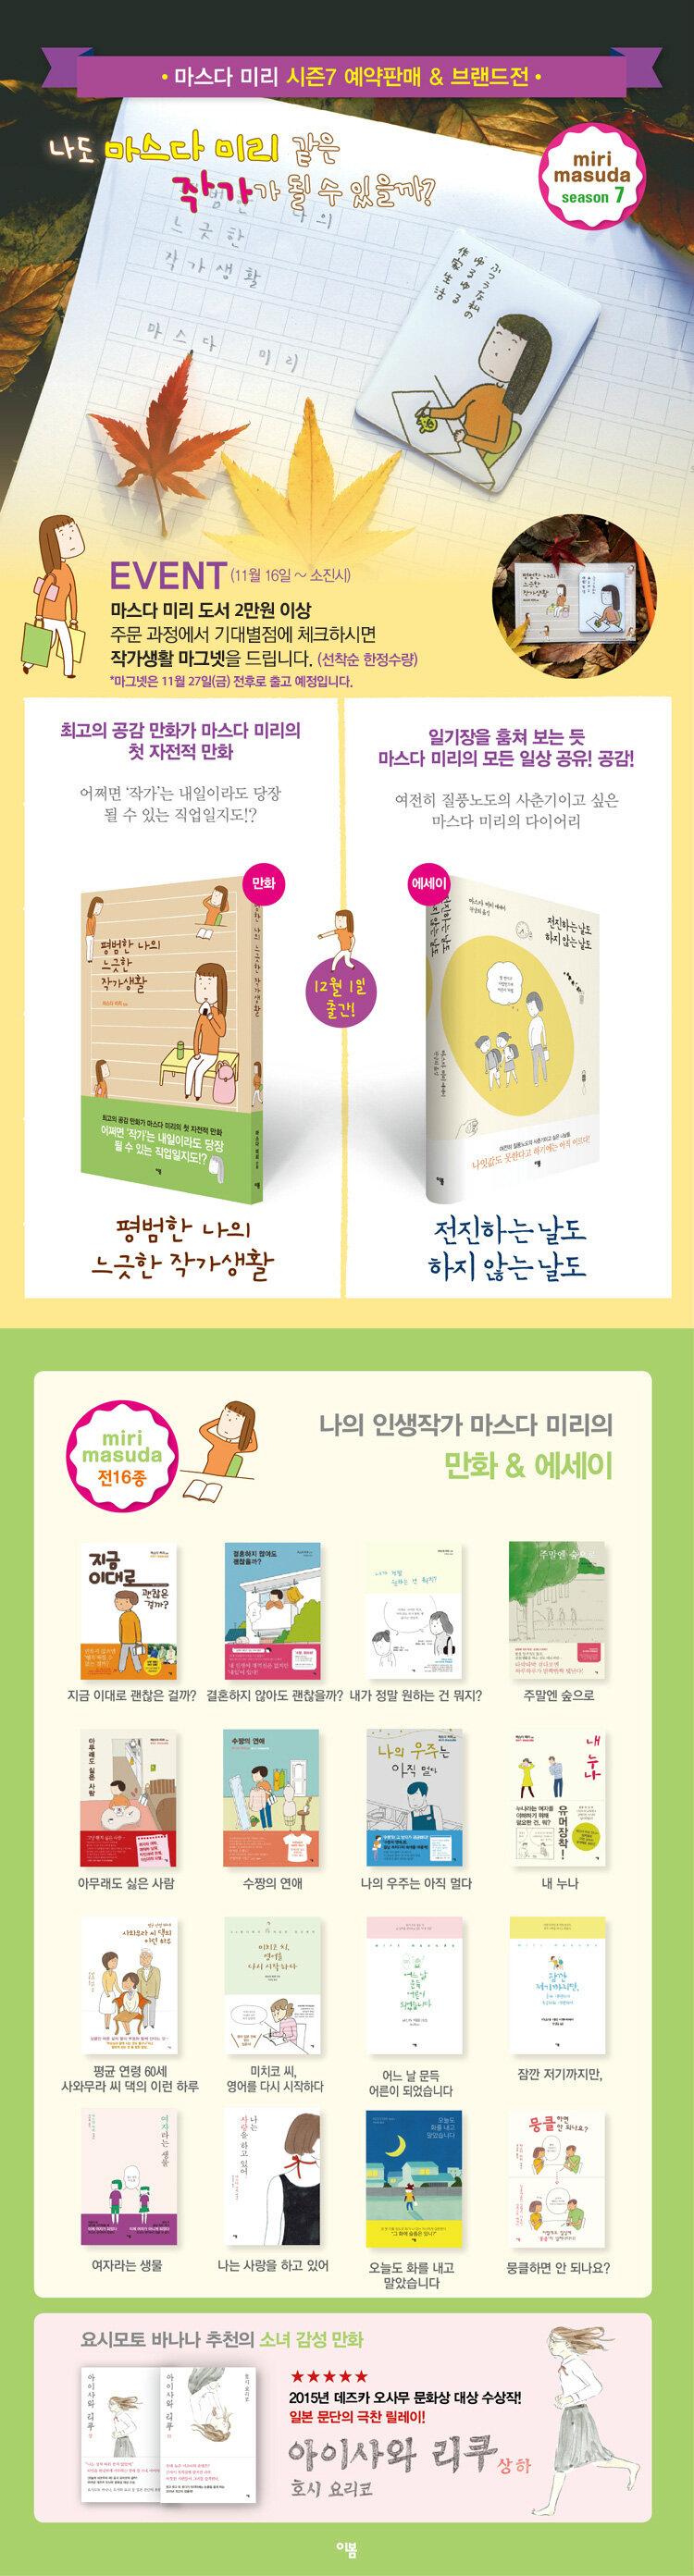 이봄 마스다 미리 시즌7 예약판매 & 브랜드전